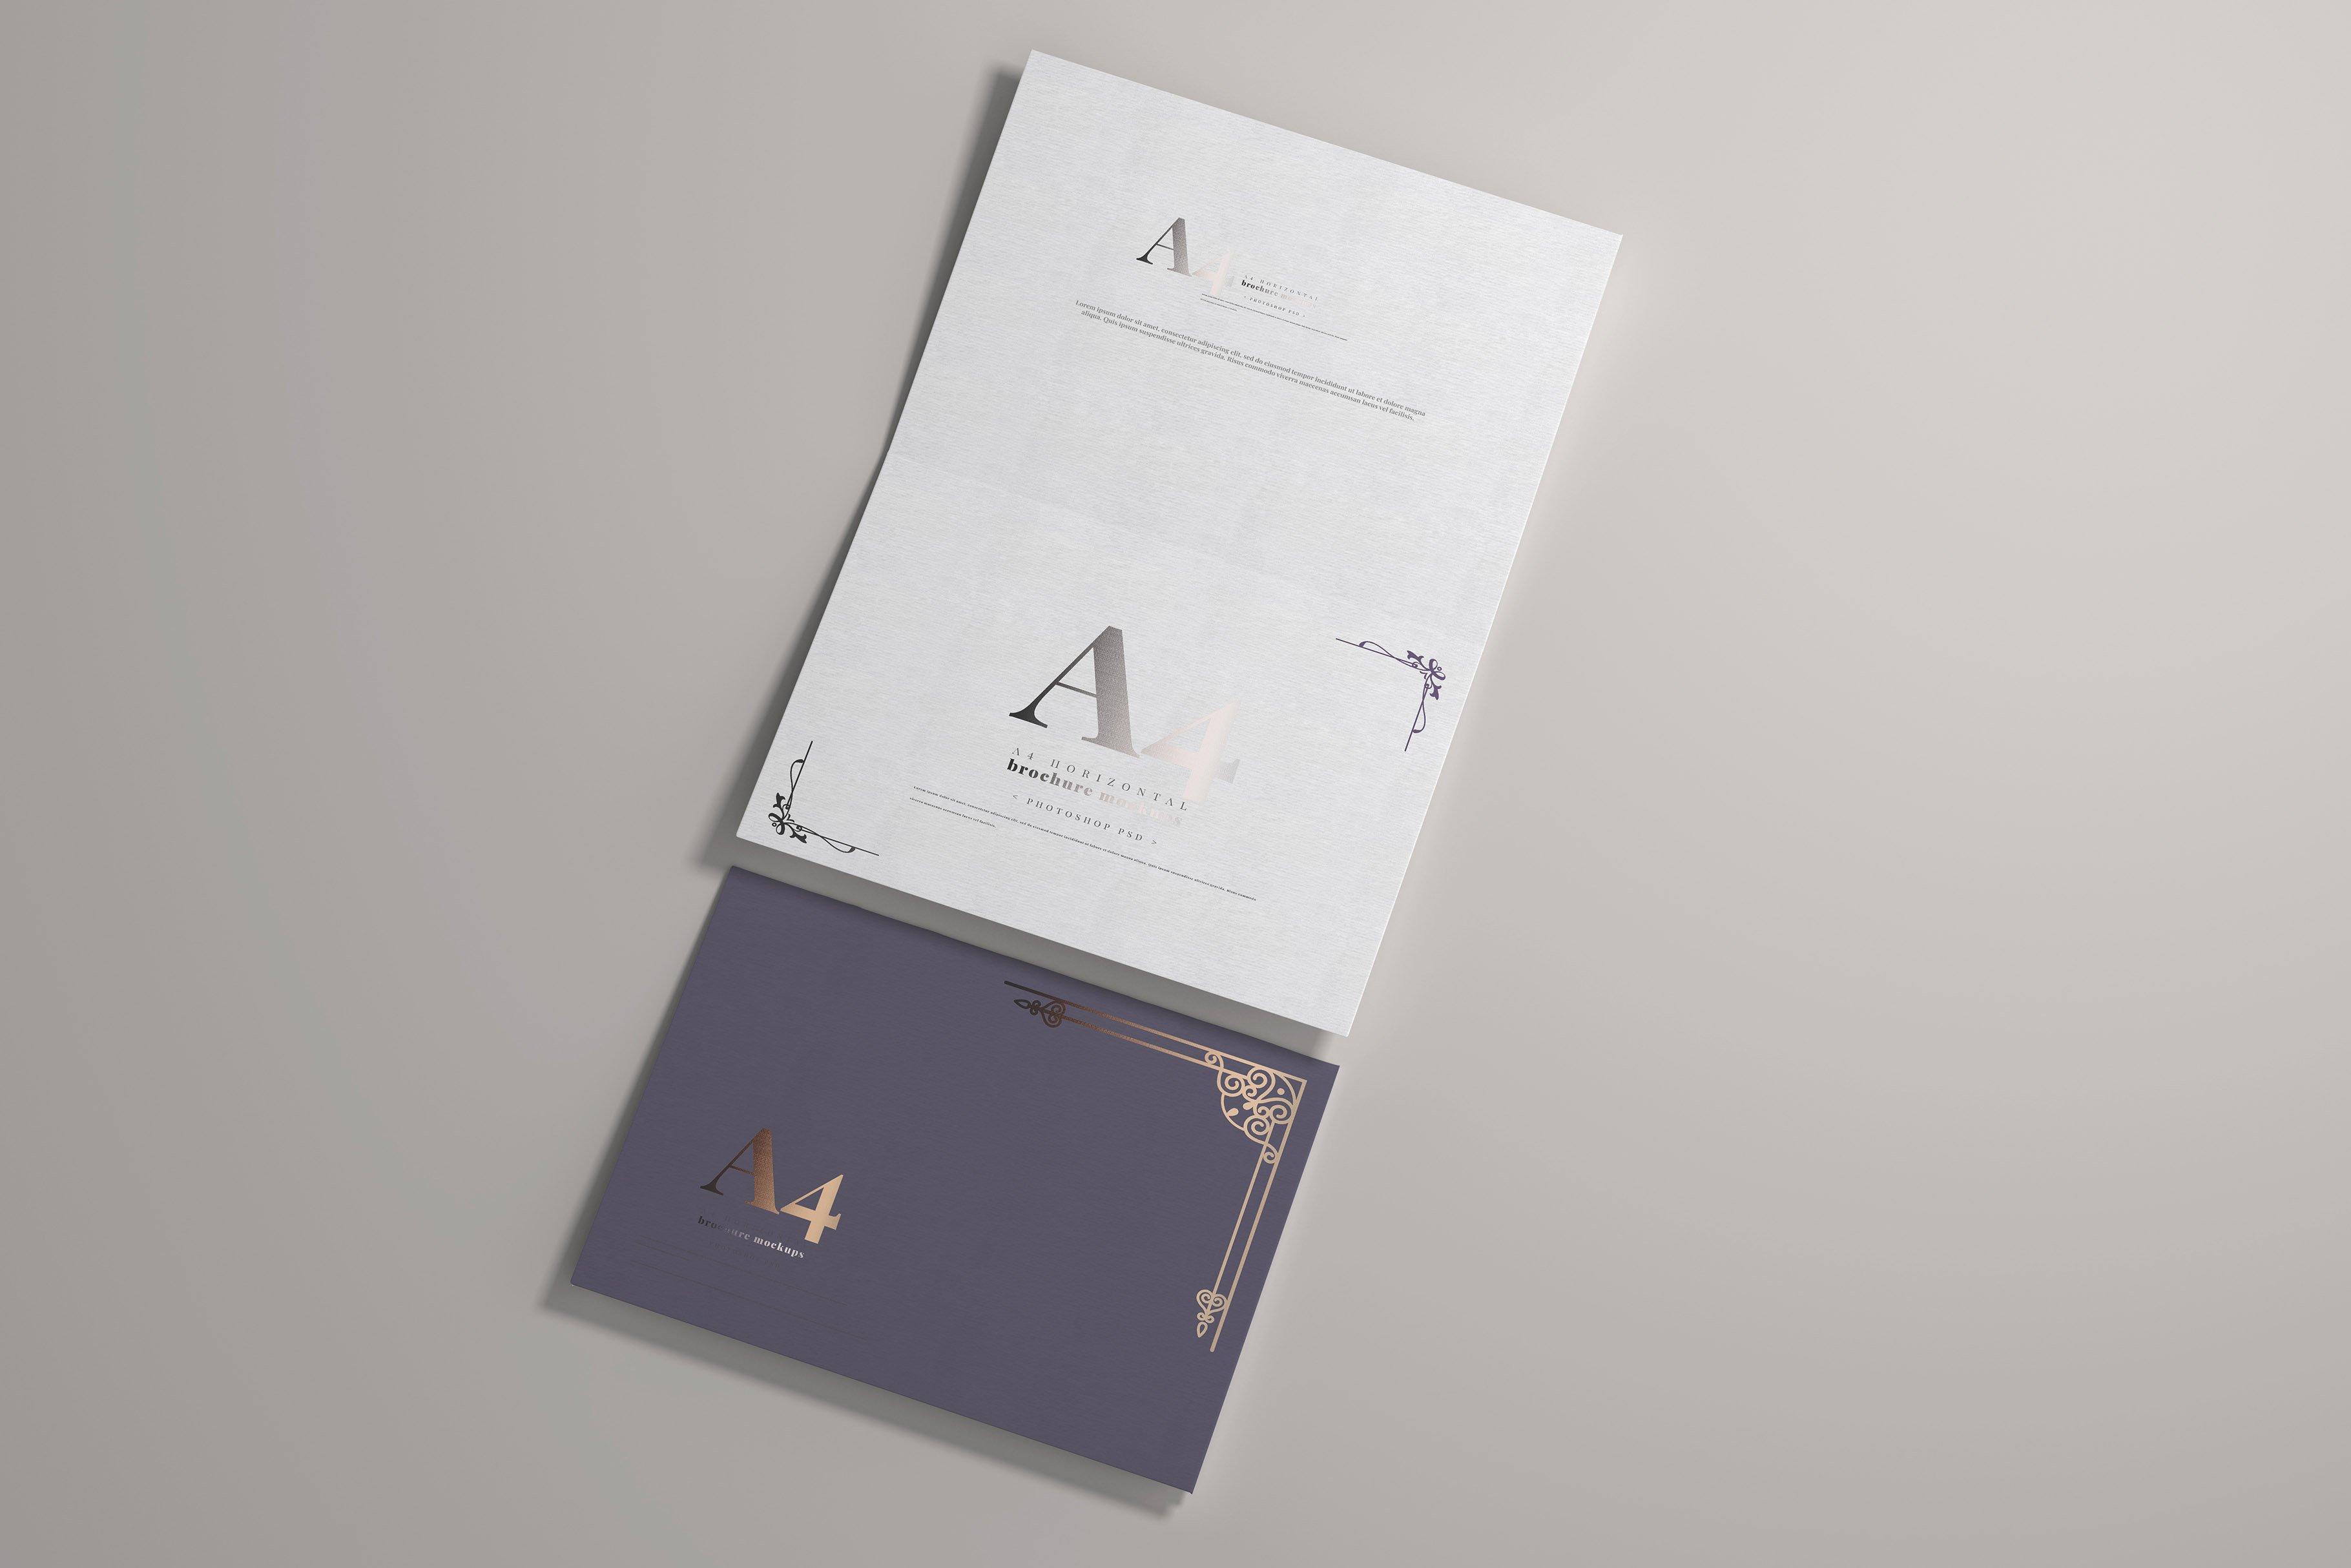 8款烫印效果A4横向两折页小册子设计展示贴图PSD样机模板 A4 Bi-Fold Horizontal Mockups插图(4)